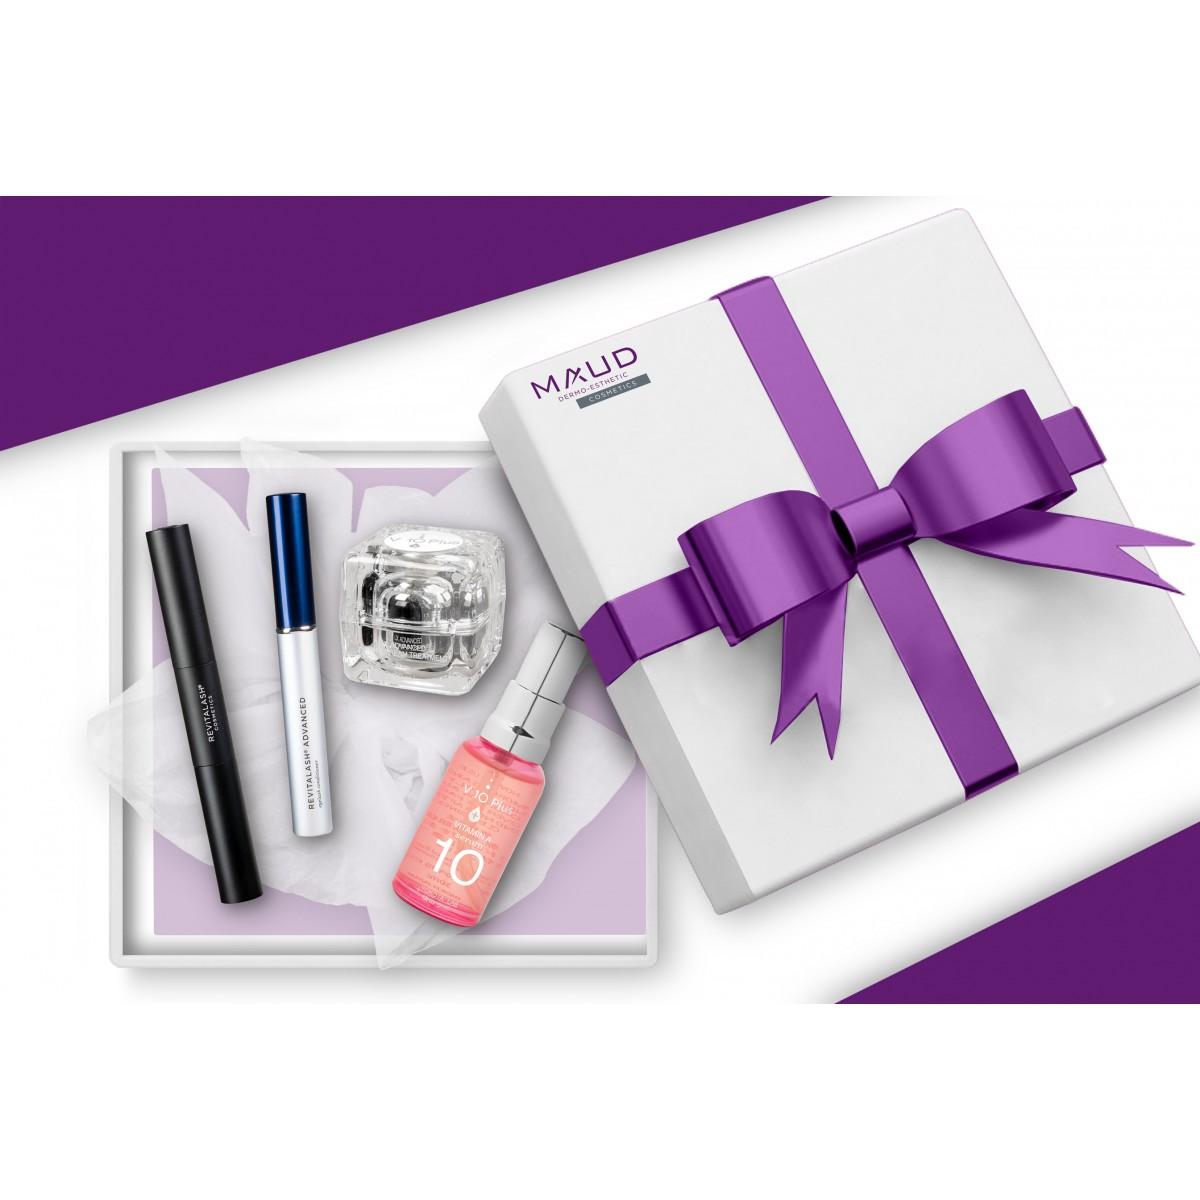 Coffrets Cadeaux - V10 PLUS - COFFRET REGARD REVITALASH ET V10+